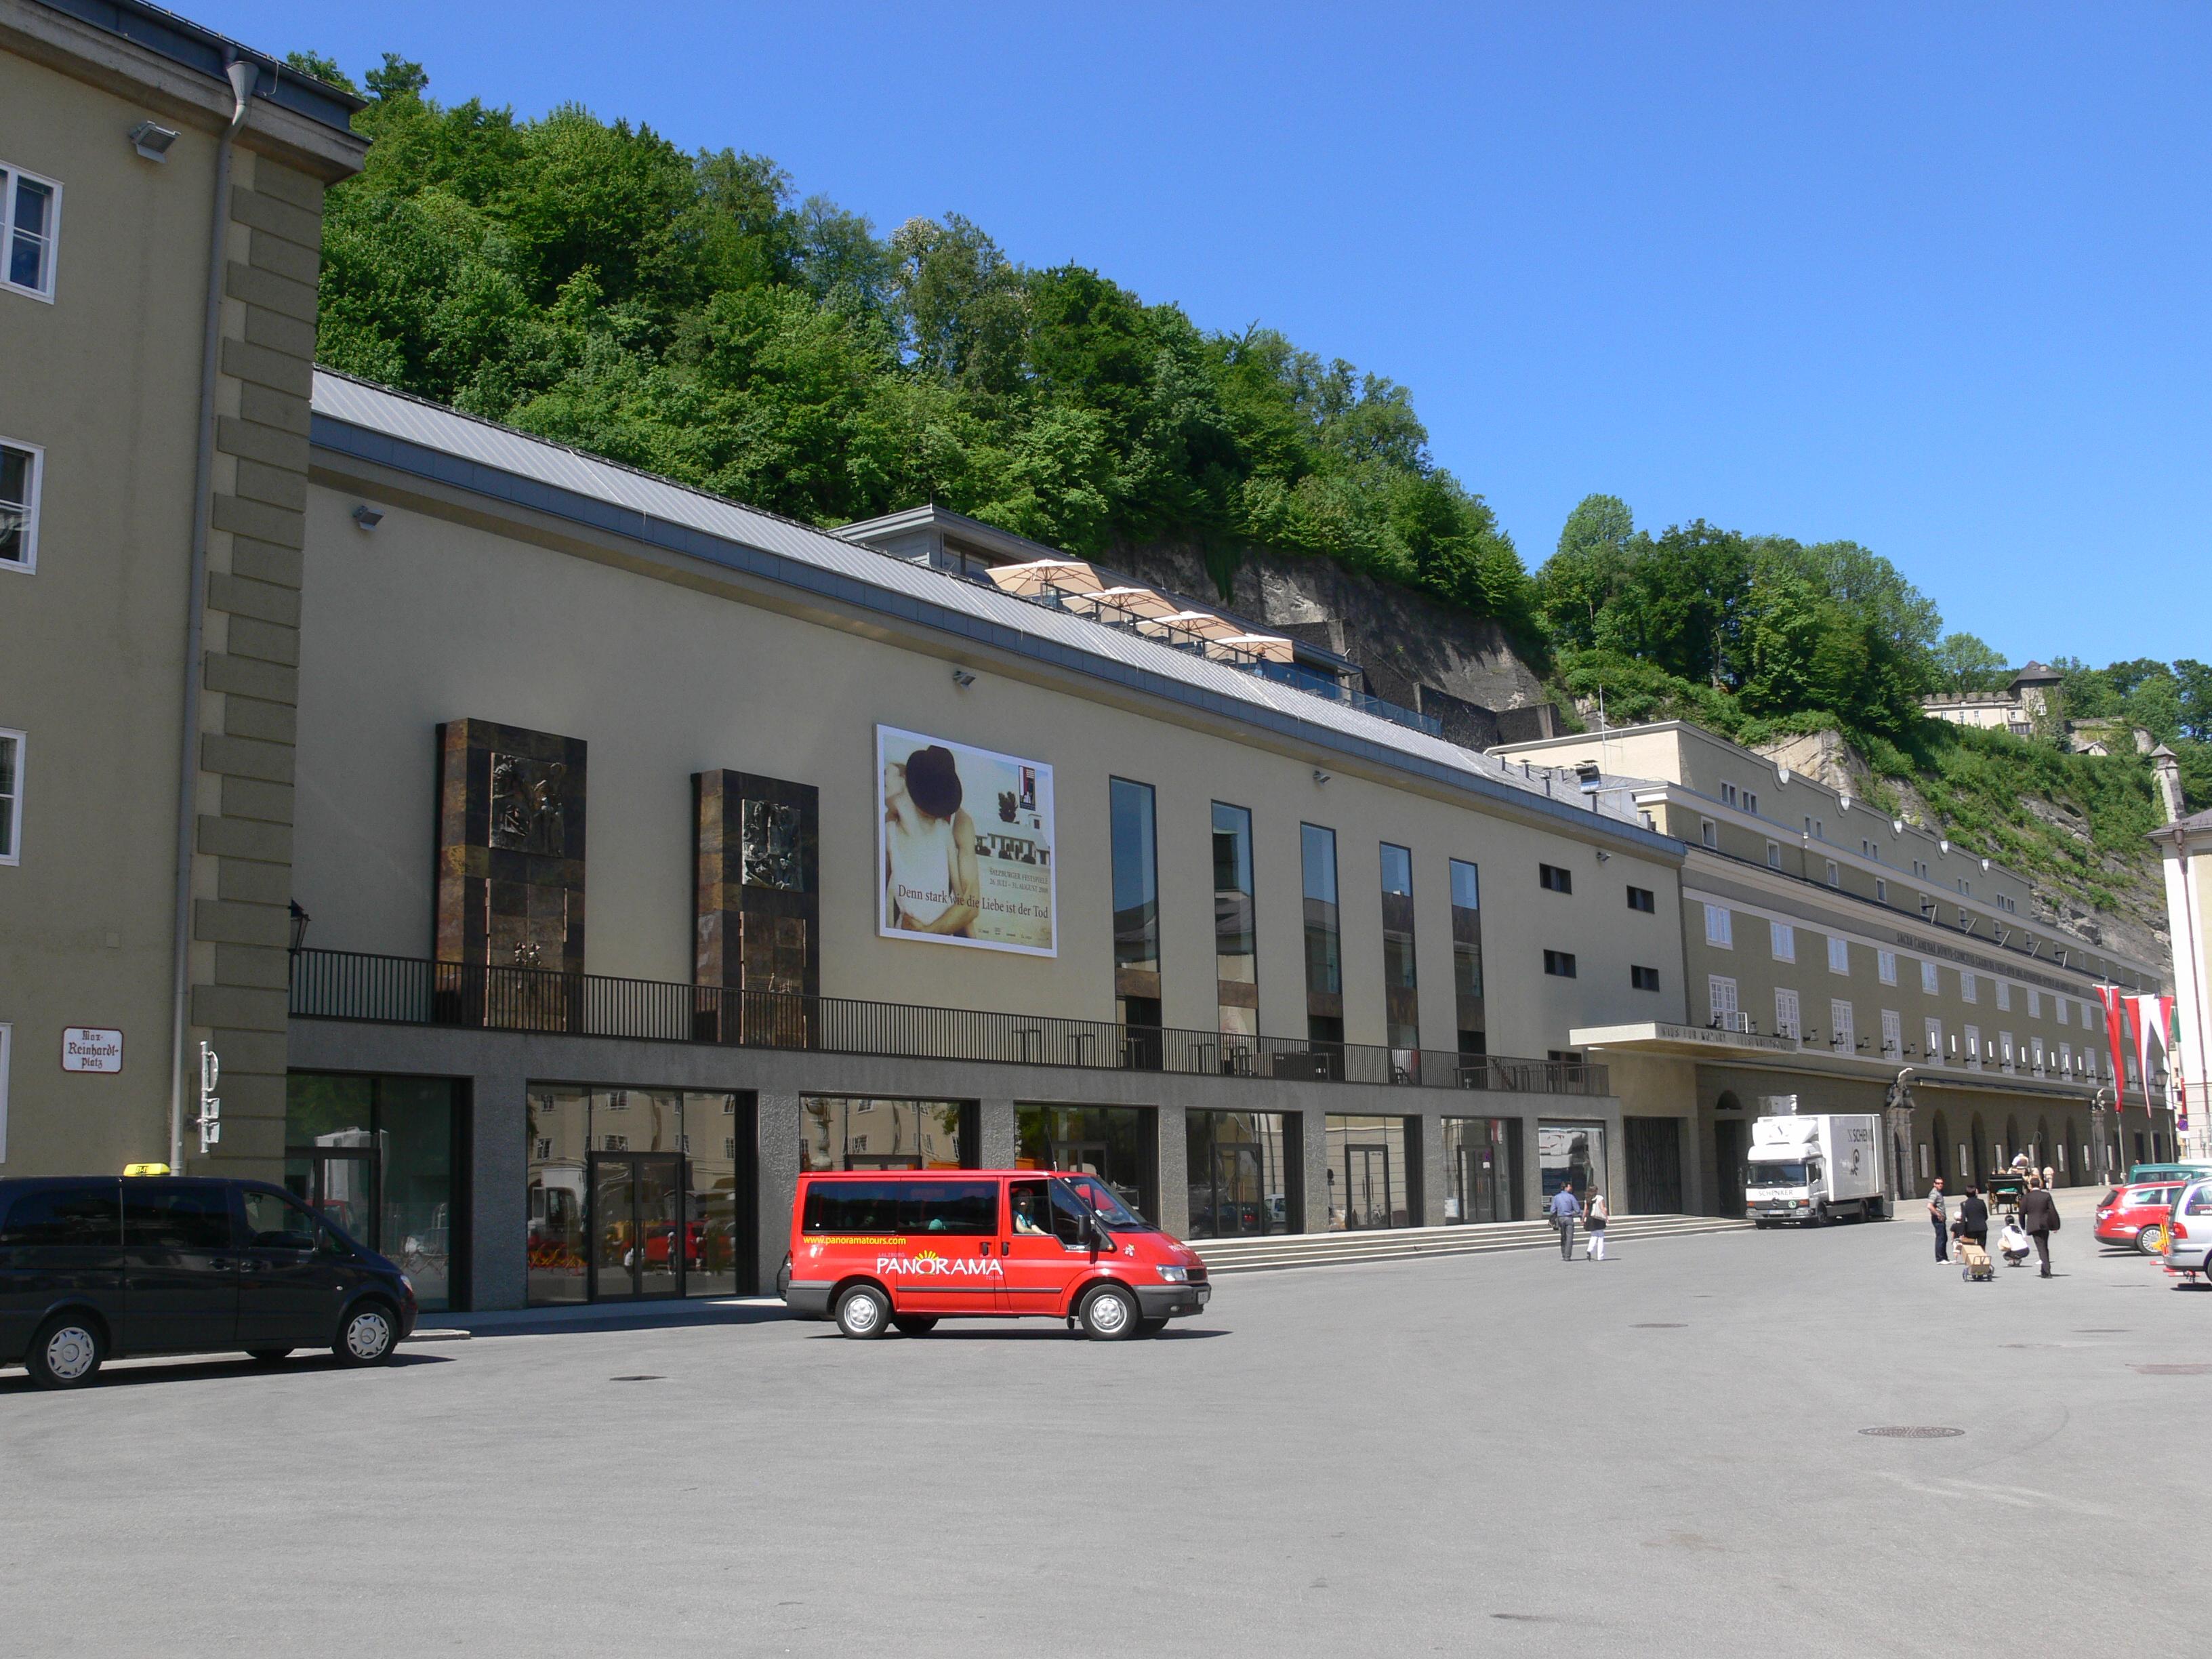 File:Haus für Mozart außen 4.jpg - Wikimedia Commons